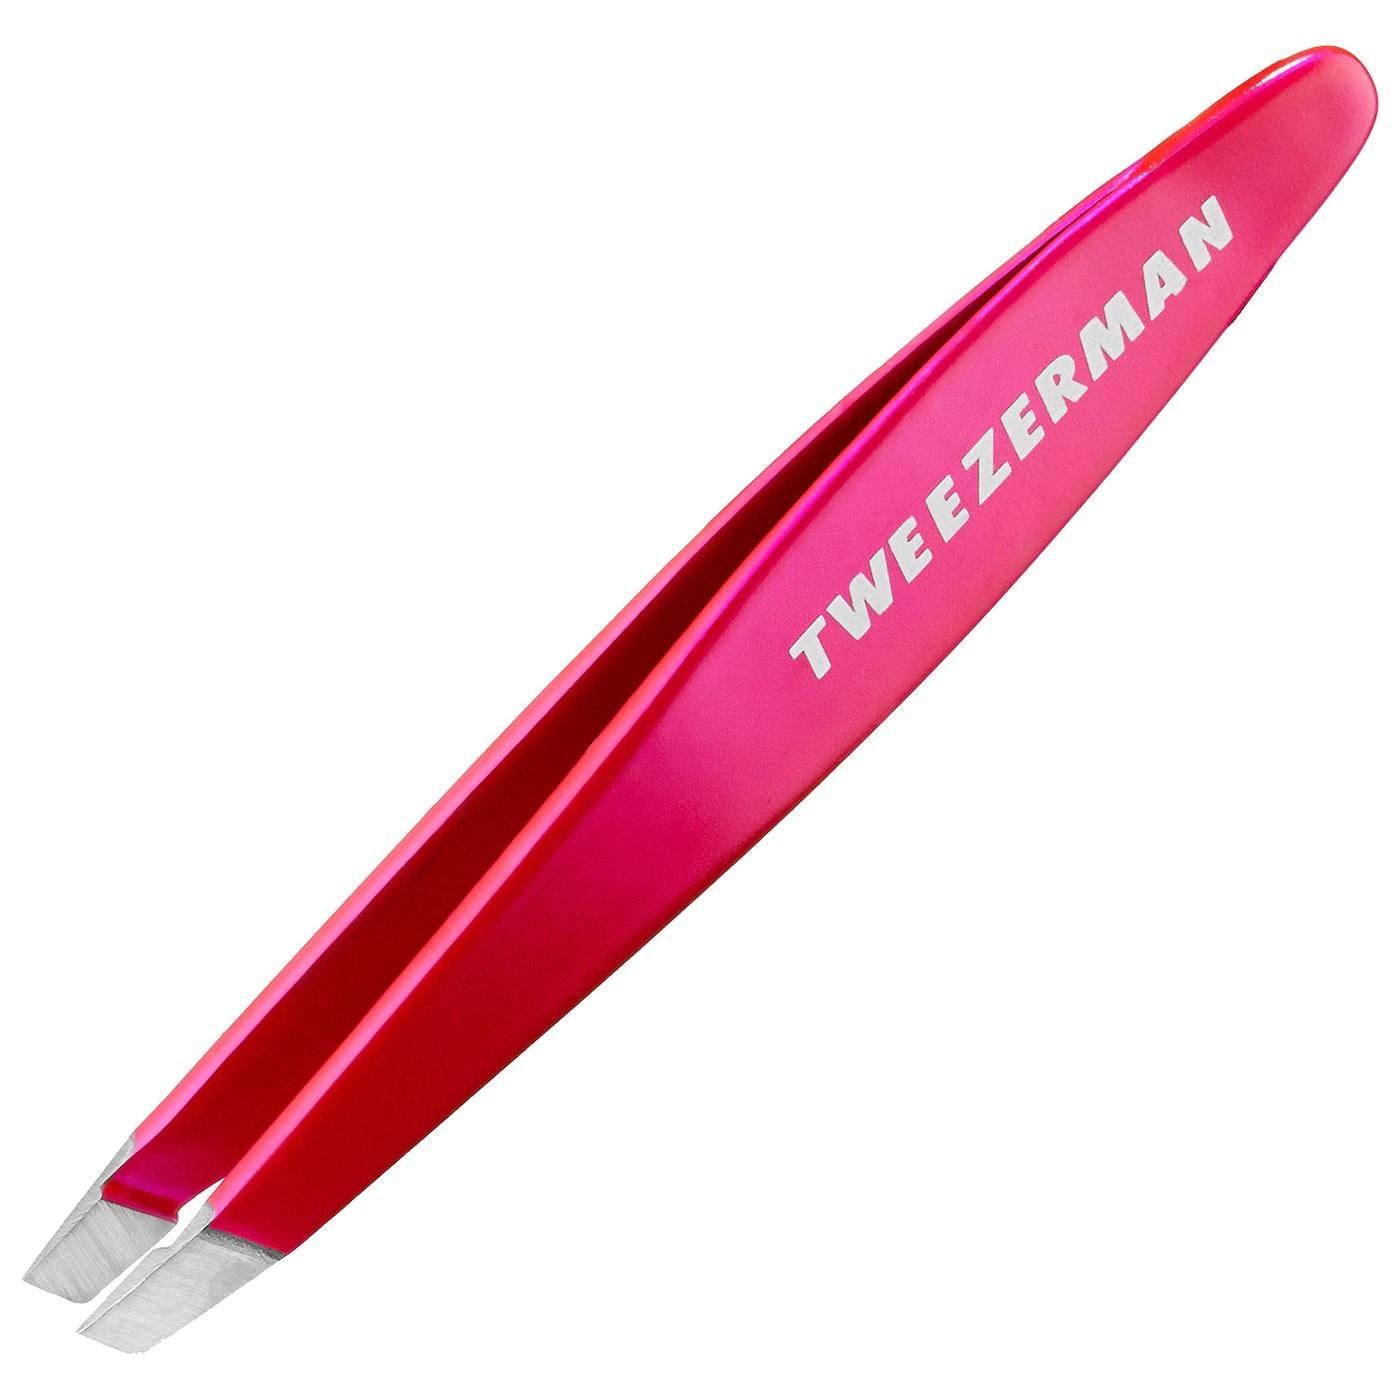 Unas pinzas para remover cualquier vello indeseado. Estas son de la marca Tweezerman, a la venta en farmacias. (Suministrada)